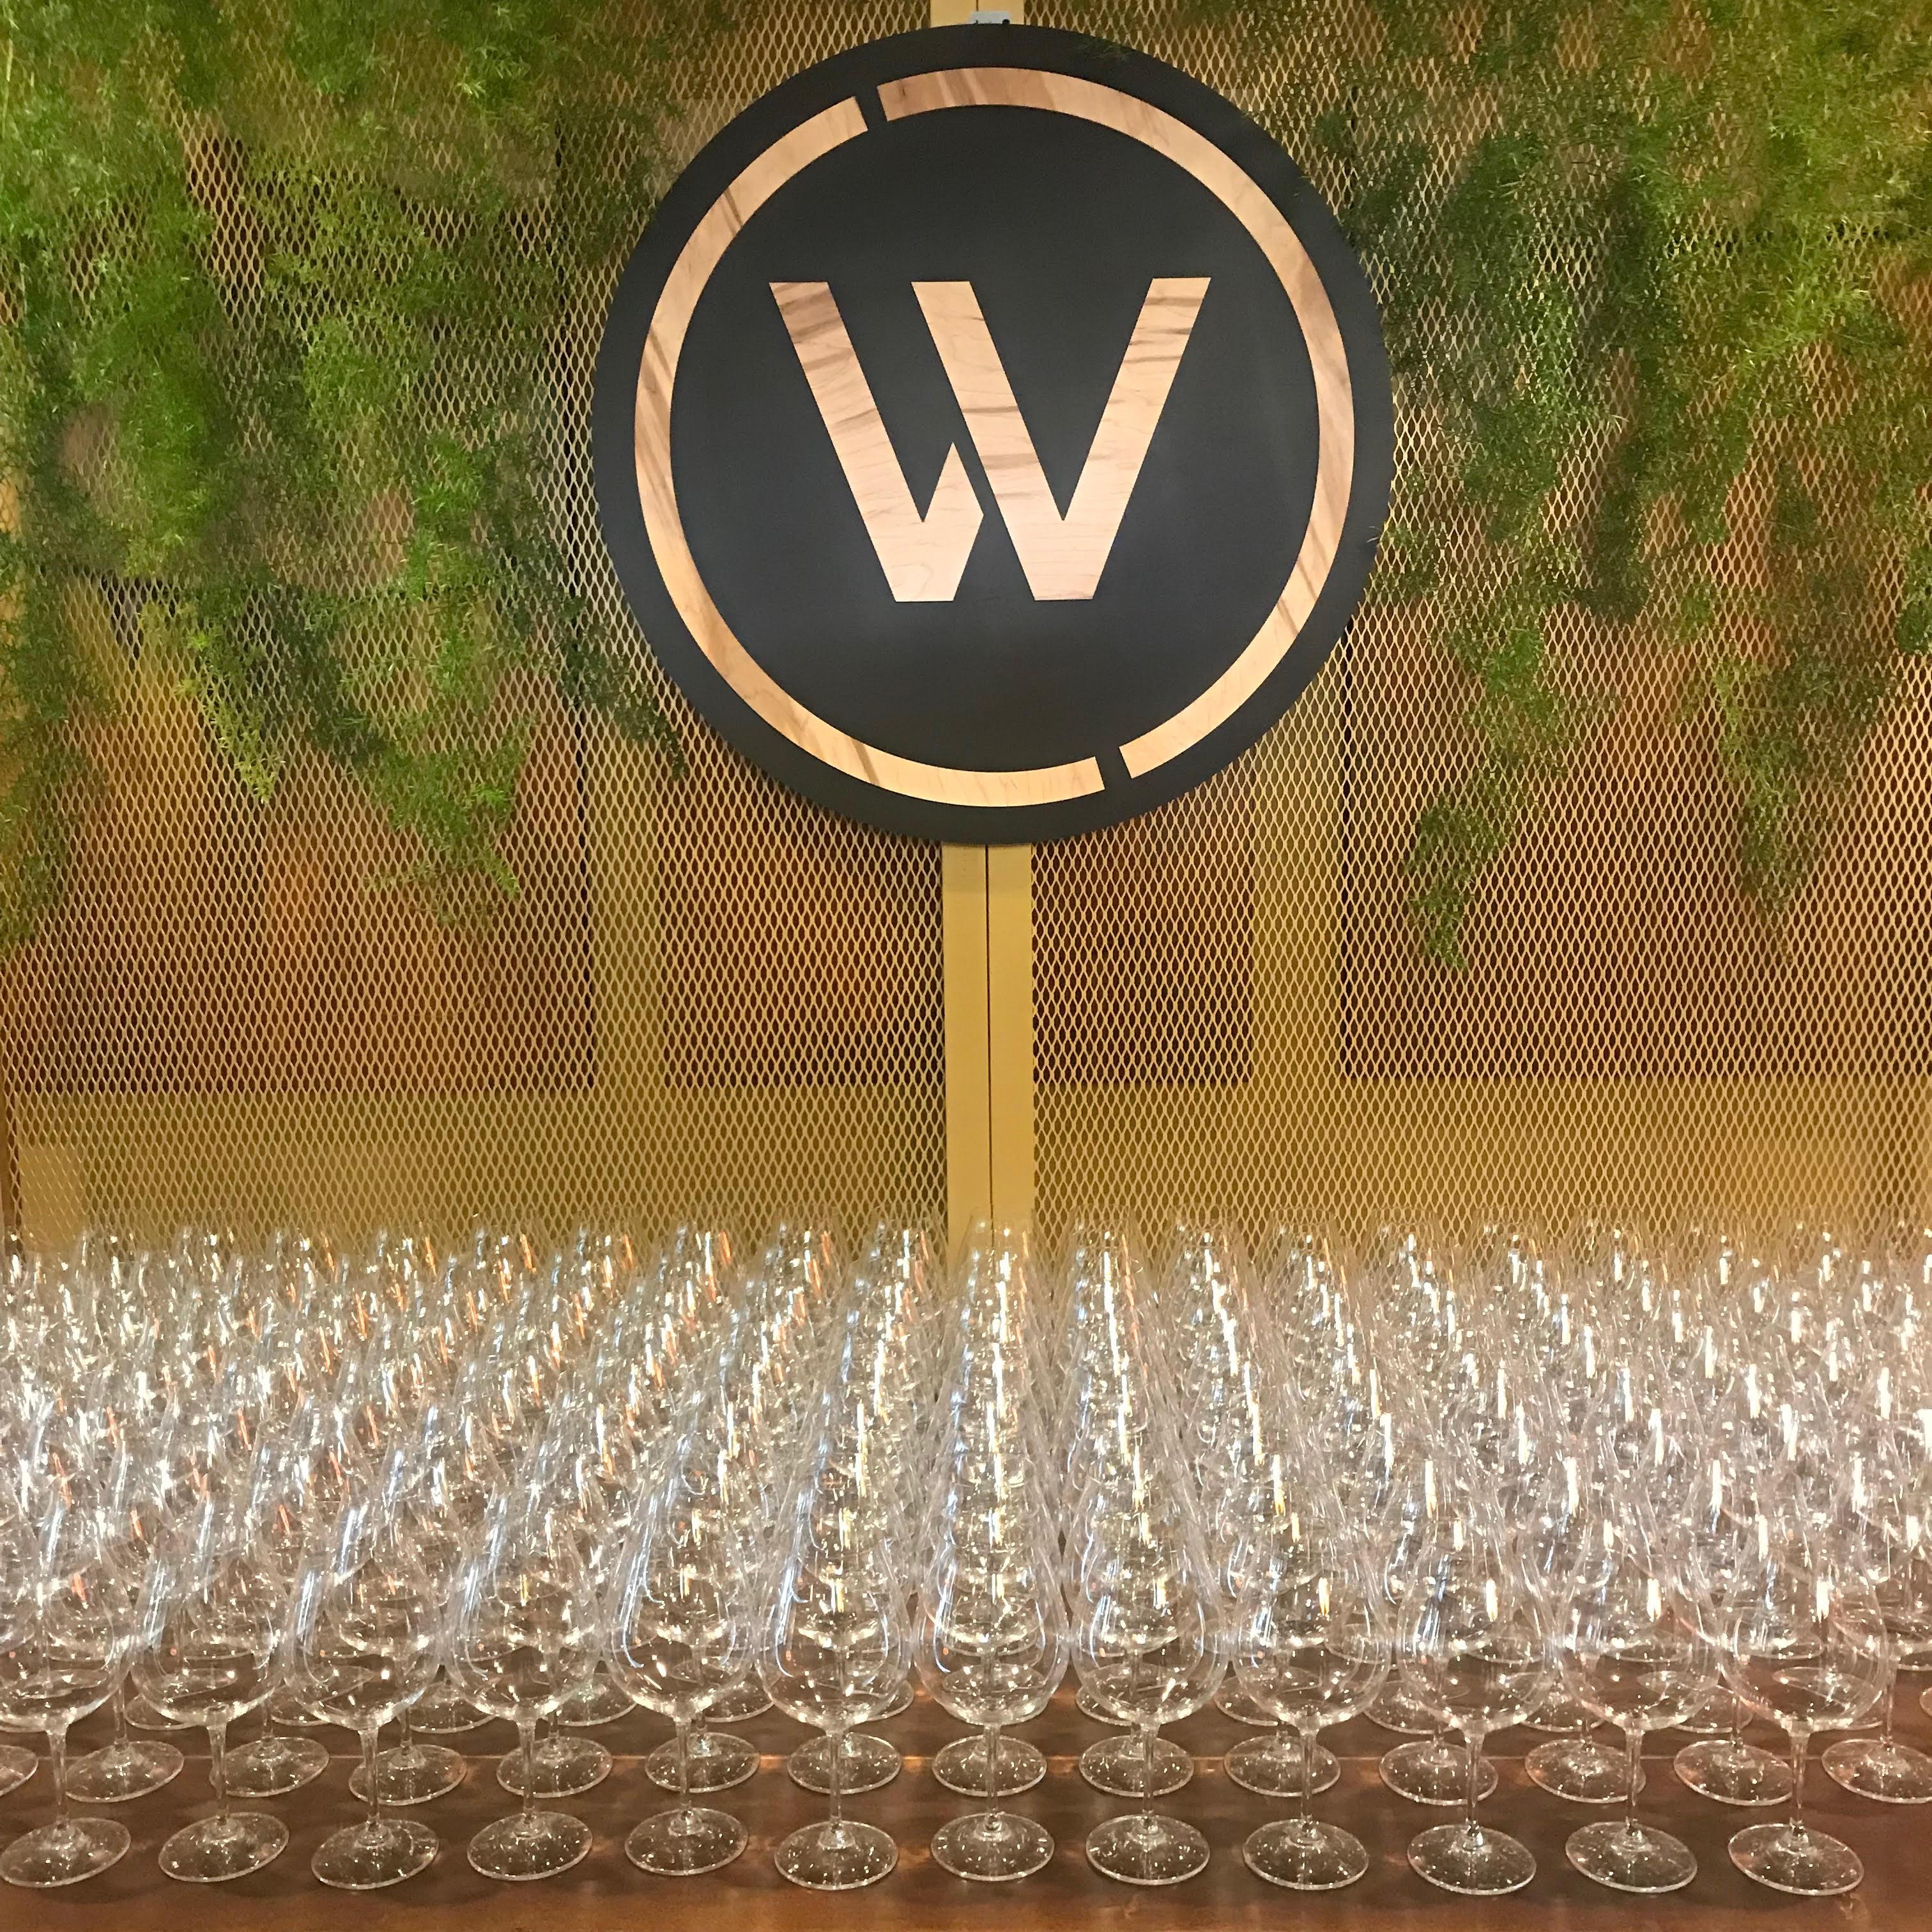 WILLAMETTE: The Pinot Noir Auction 2019 Raises Over $1M.